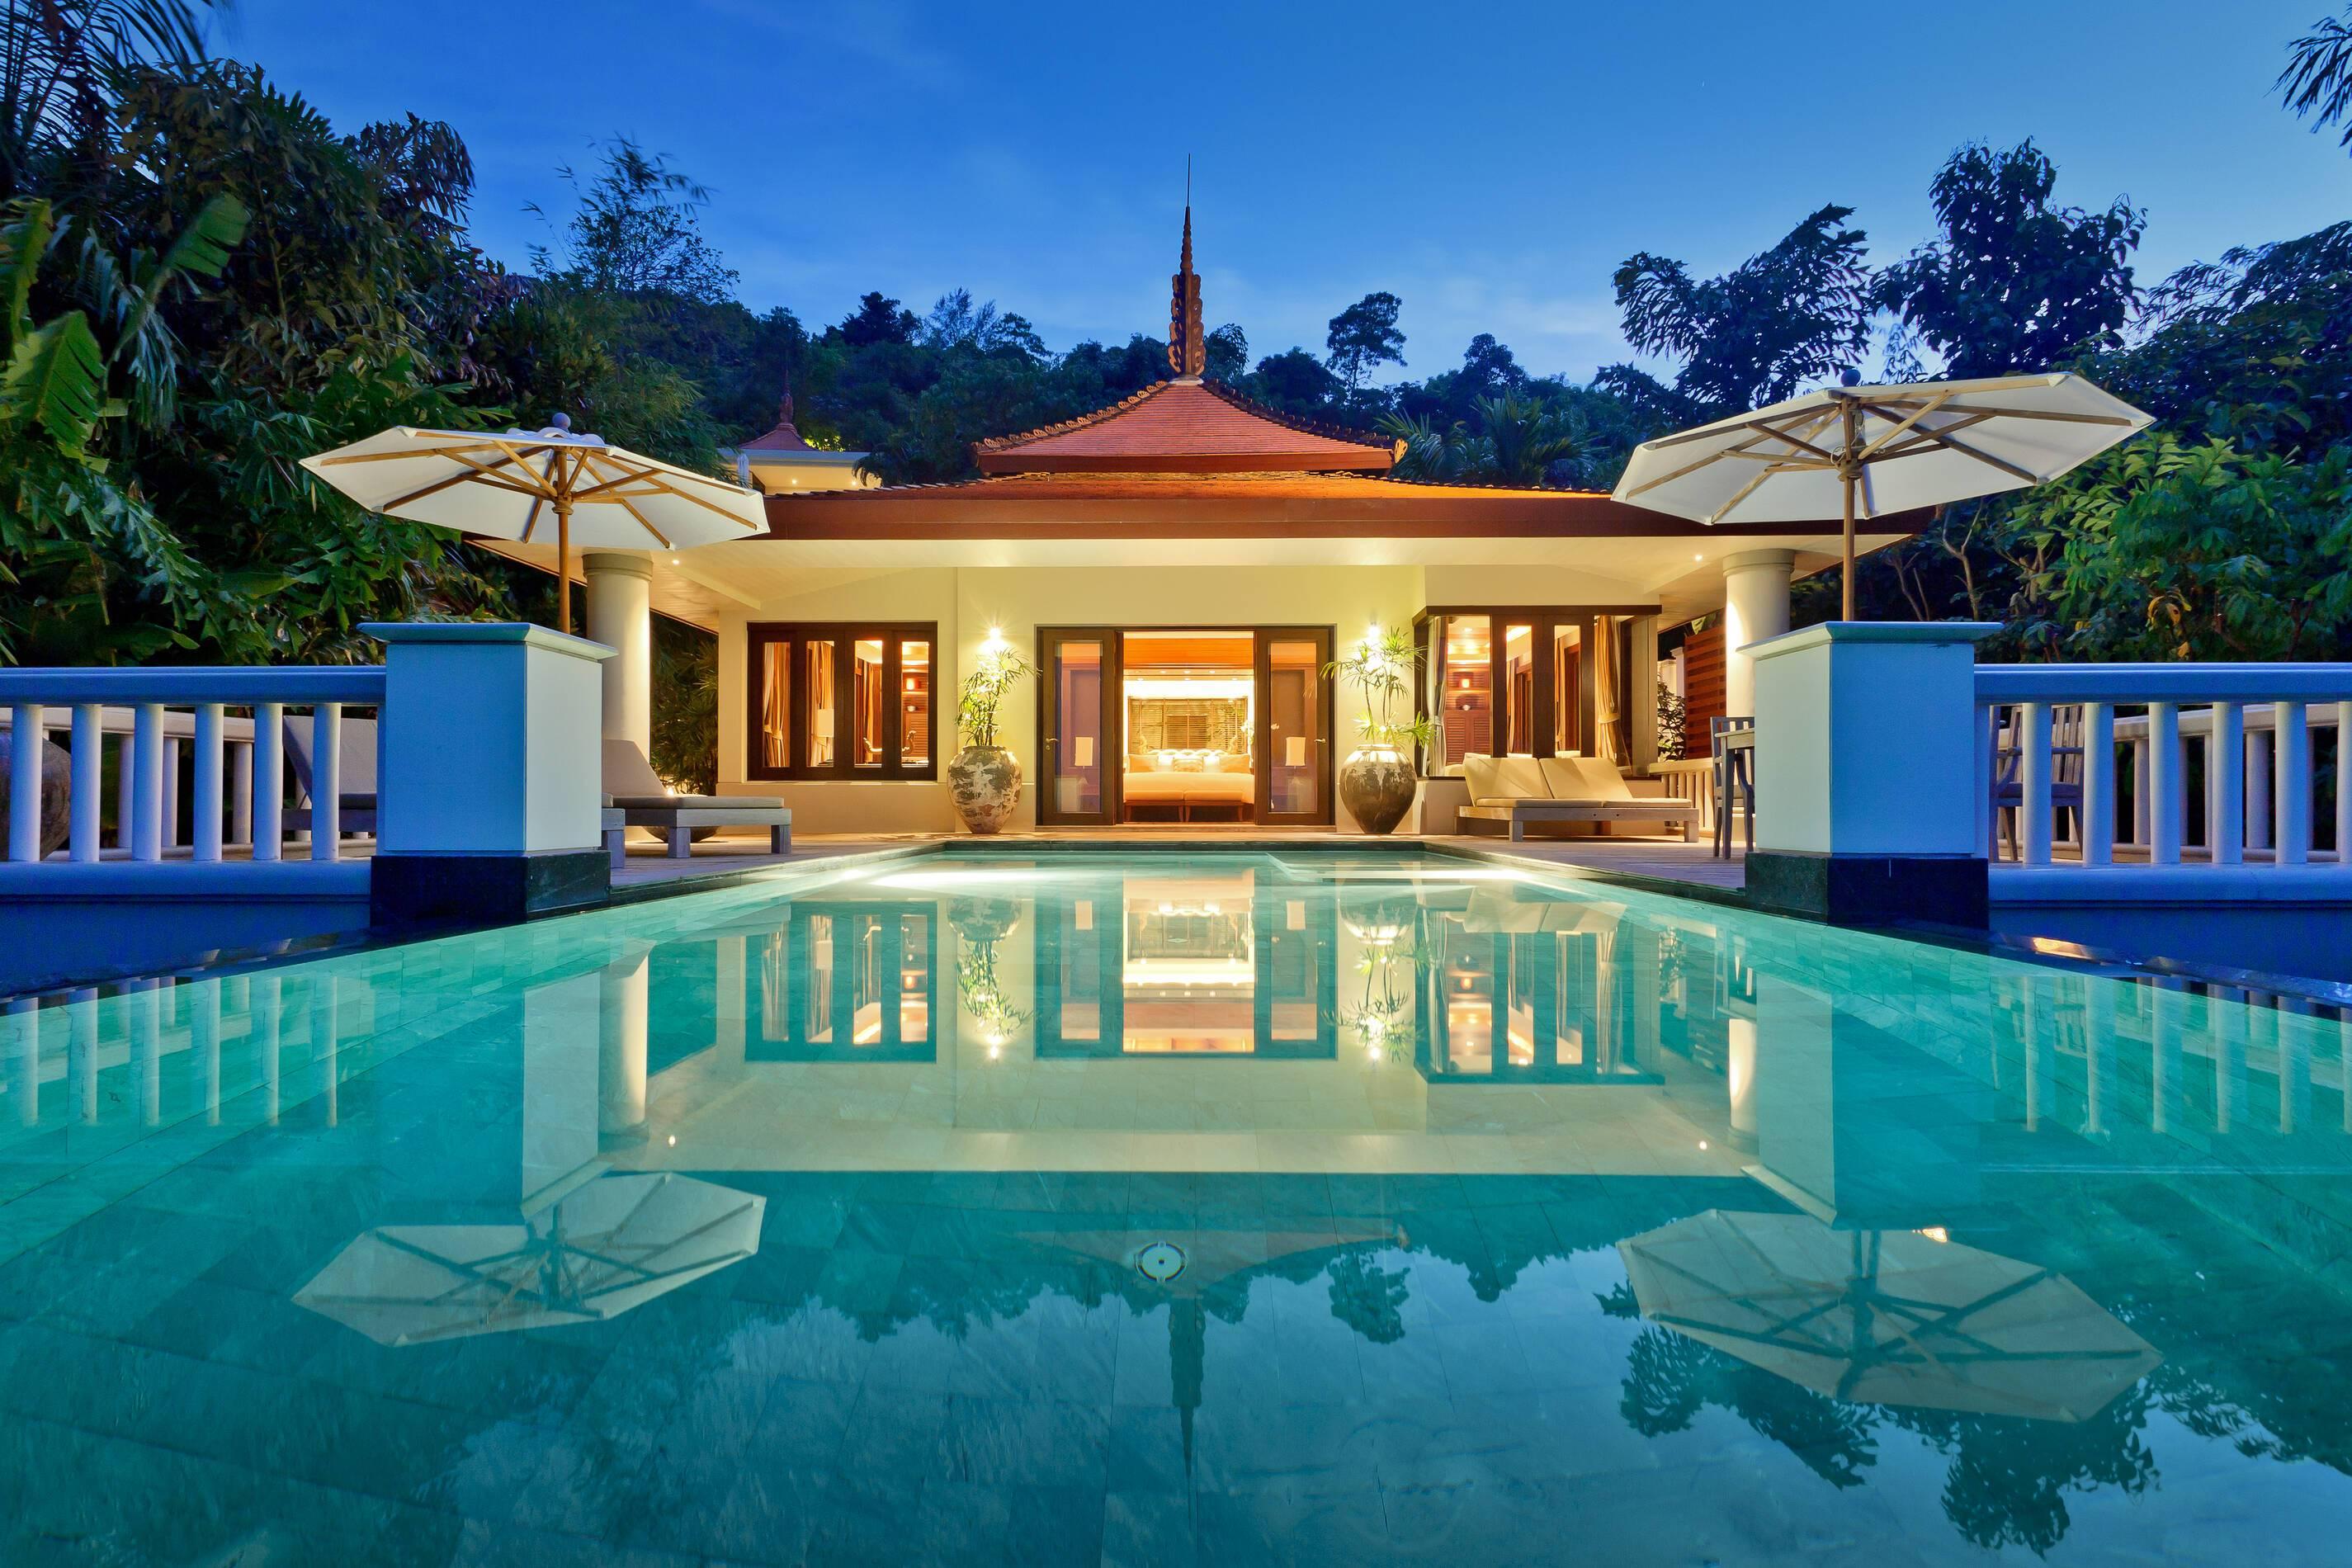 Trisara Thailande ocean view villa exterieur